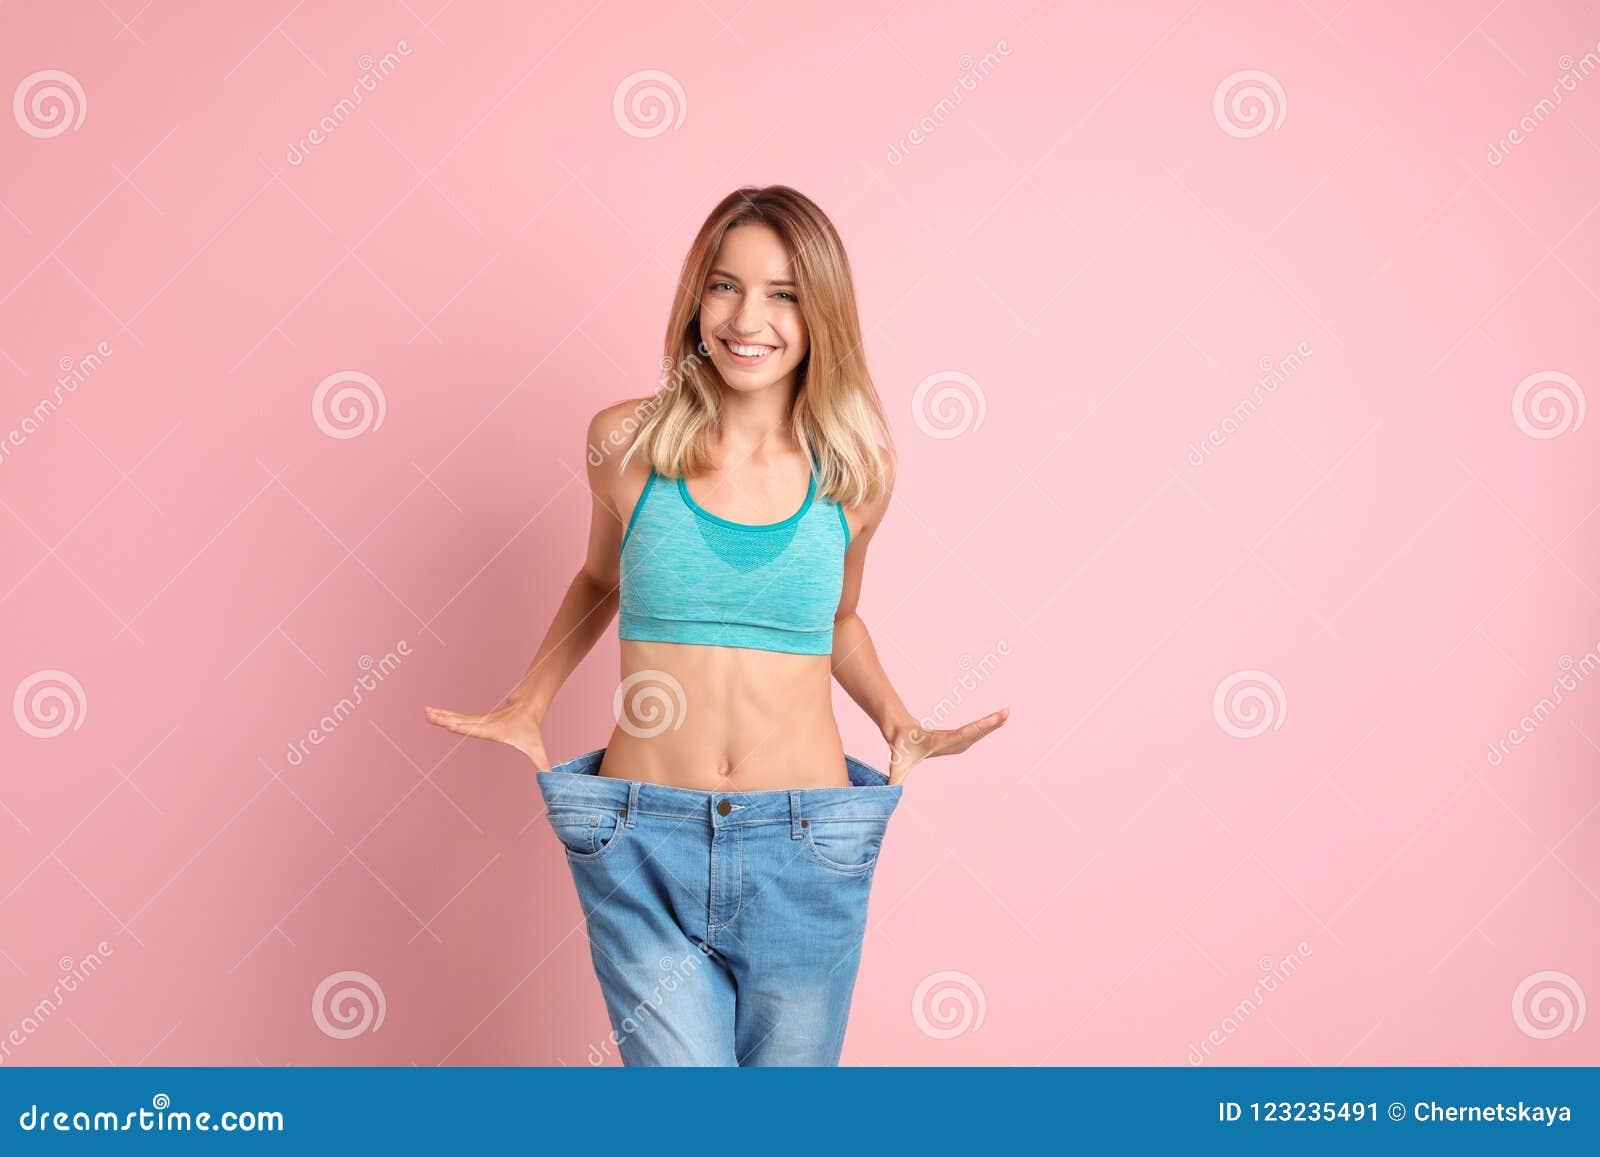 big her pics slim in girl